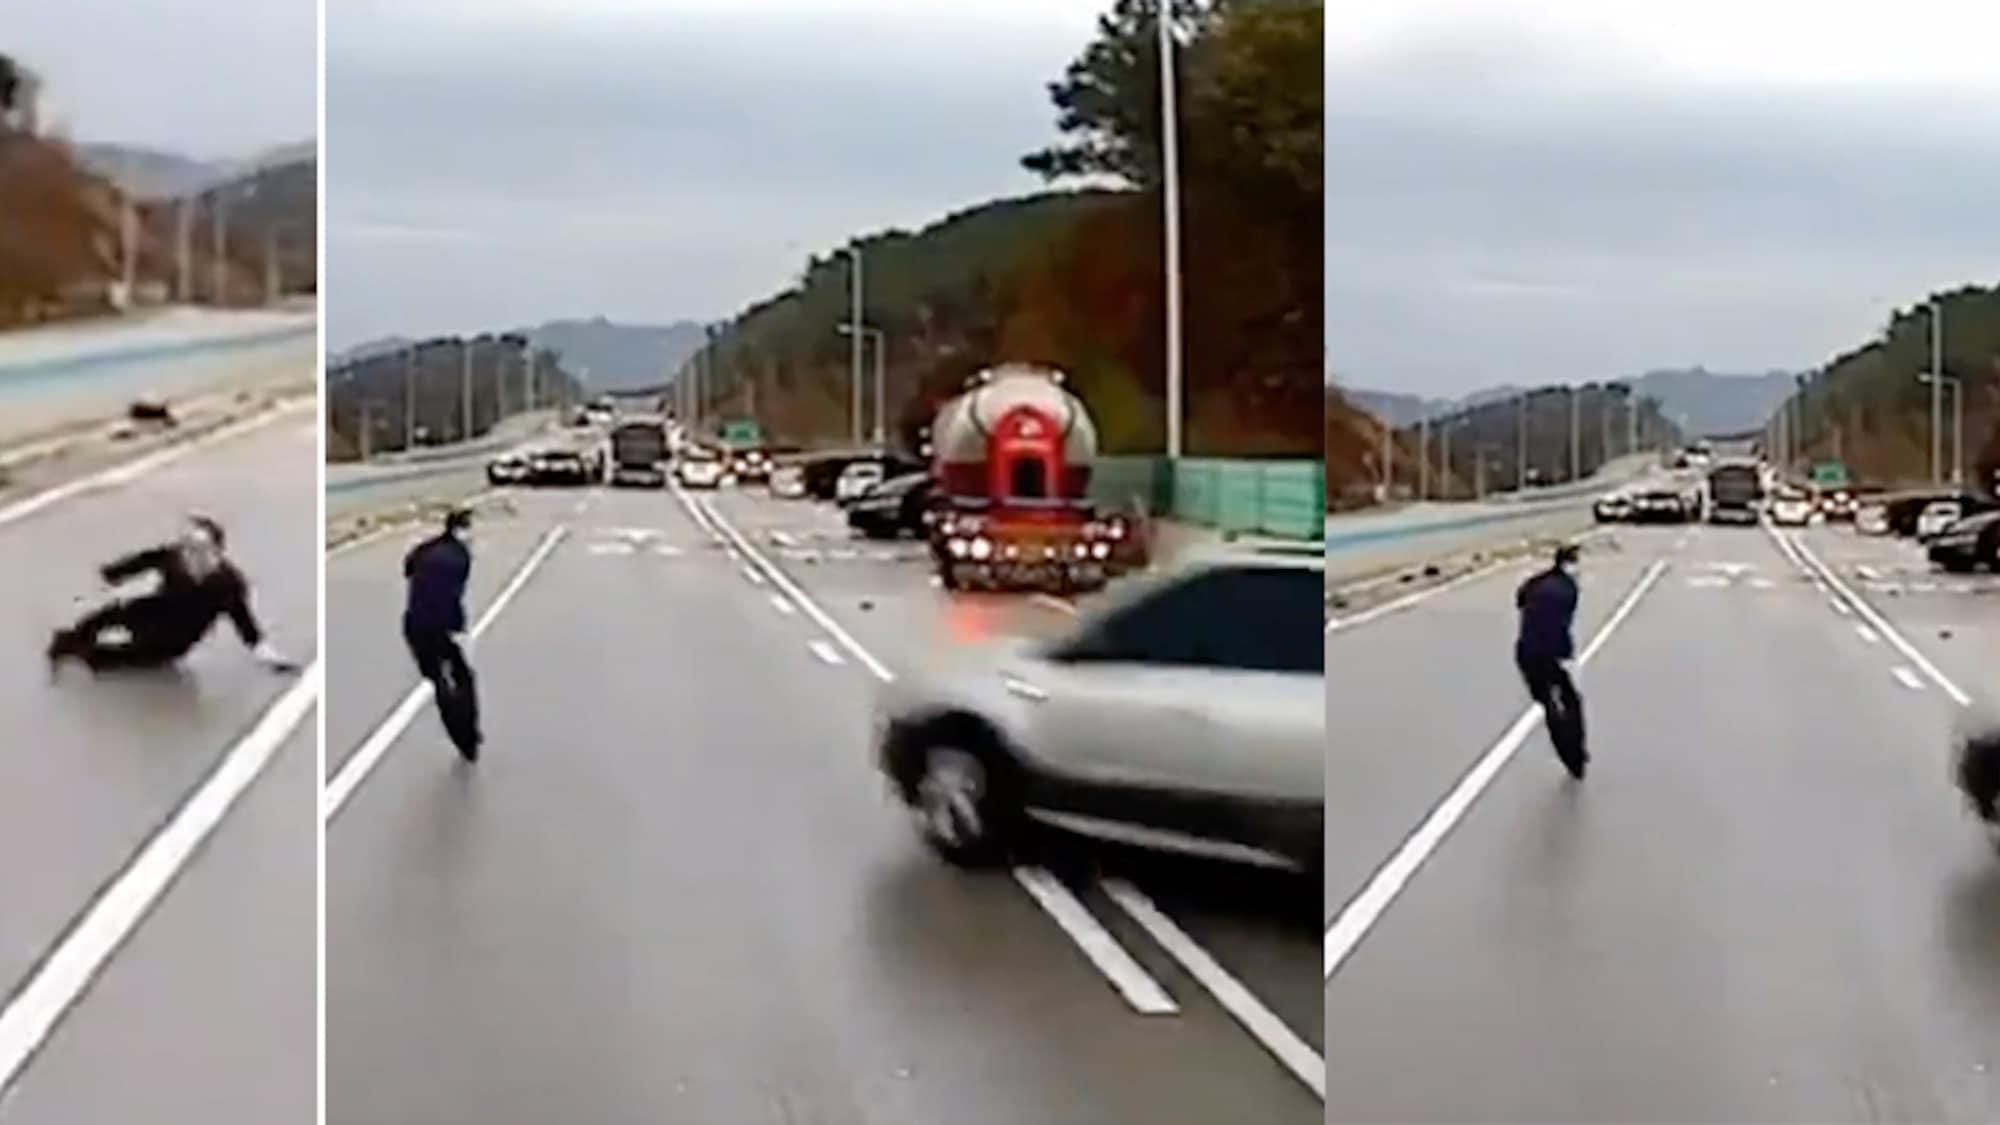 Blitzeis überrascht Autofahrer: Mann kommt bei Massenkarambolage zweimal fast unter die Räder